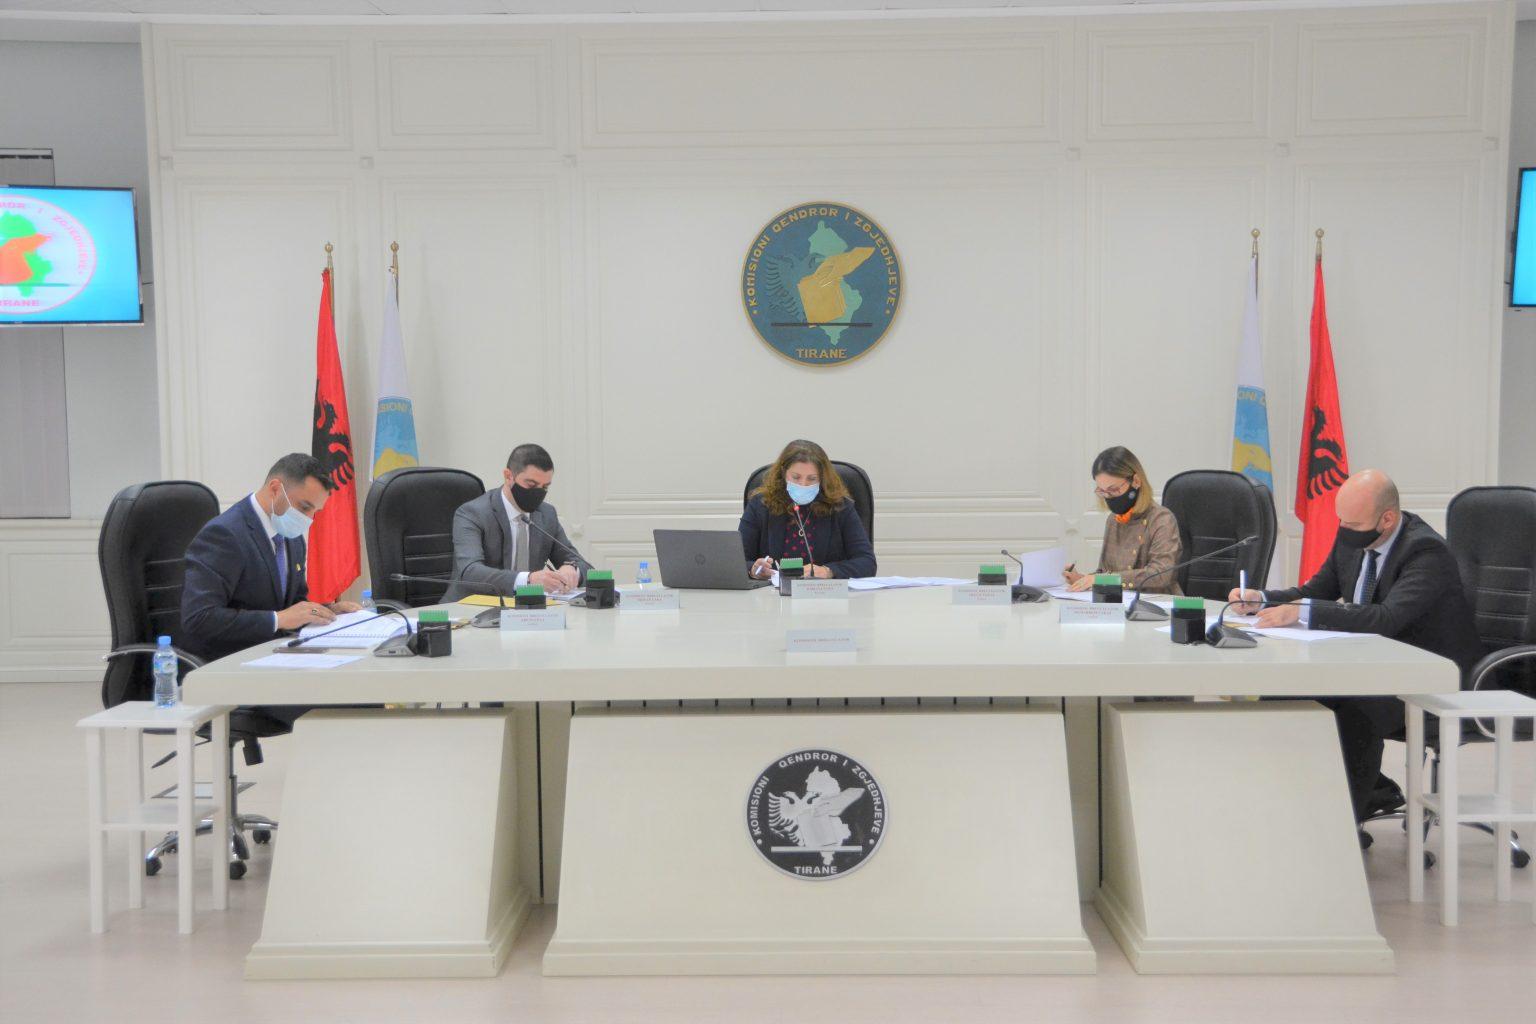 Αλβανία: Εγκρίθηκε ο τύπος των ηλεκτρονικών συστημάτων για τις εκλογές της 25ης Απριλίου